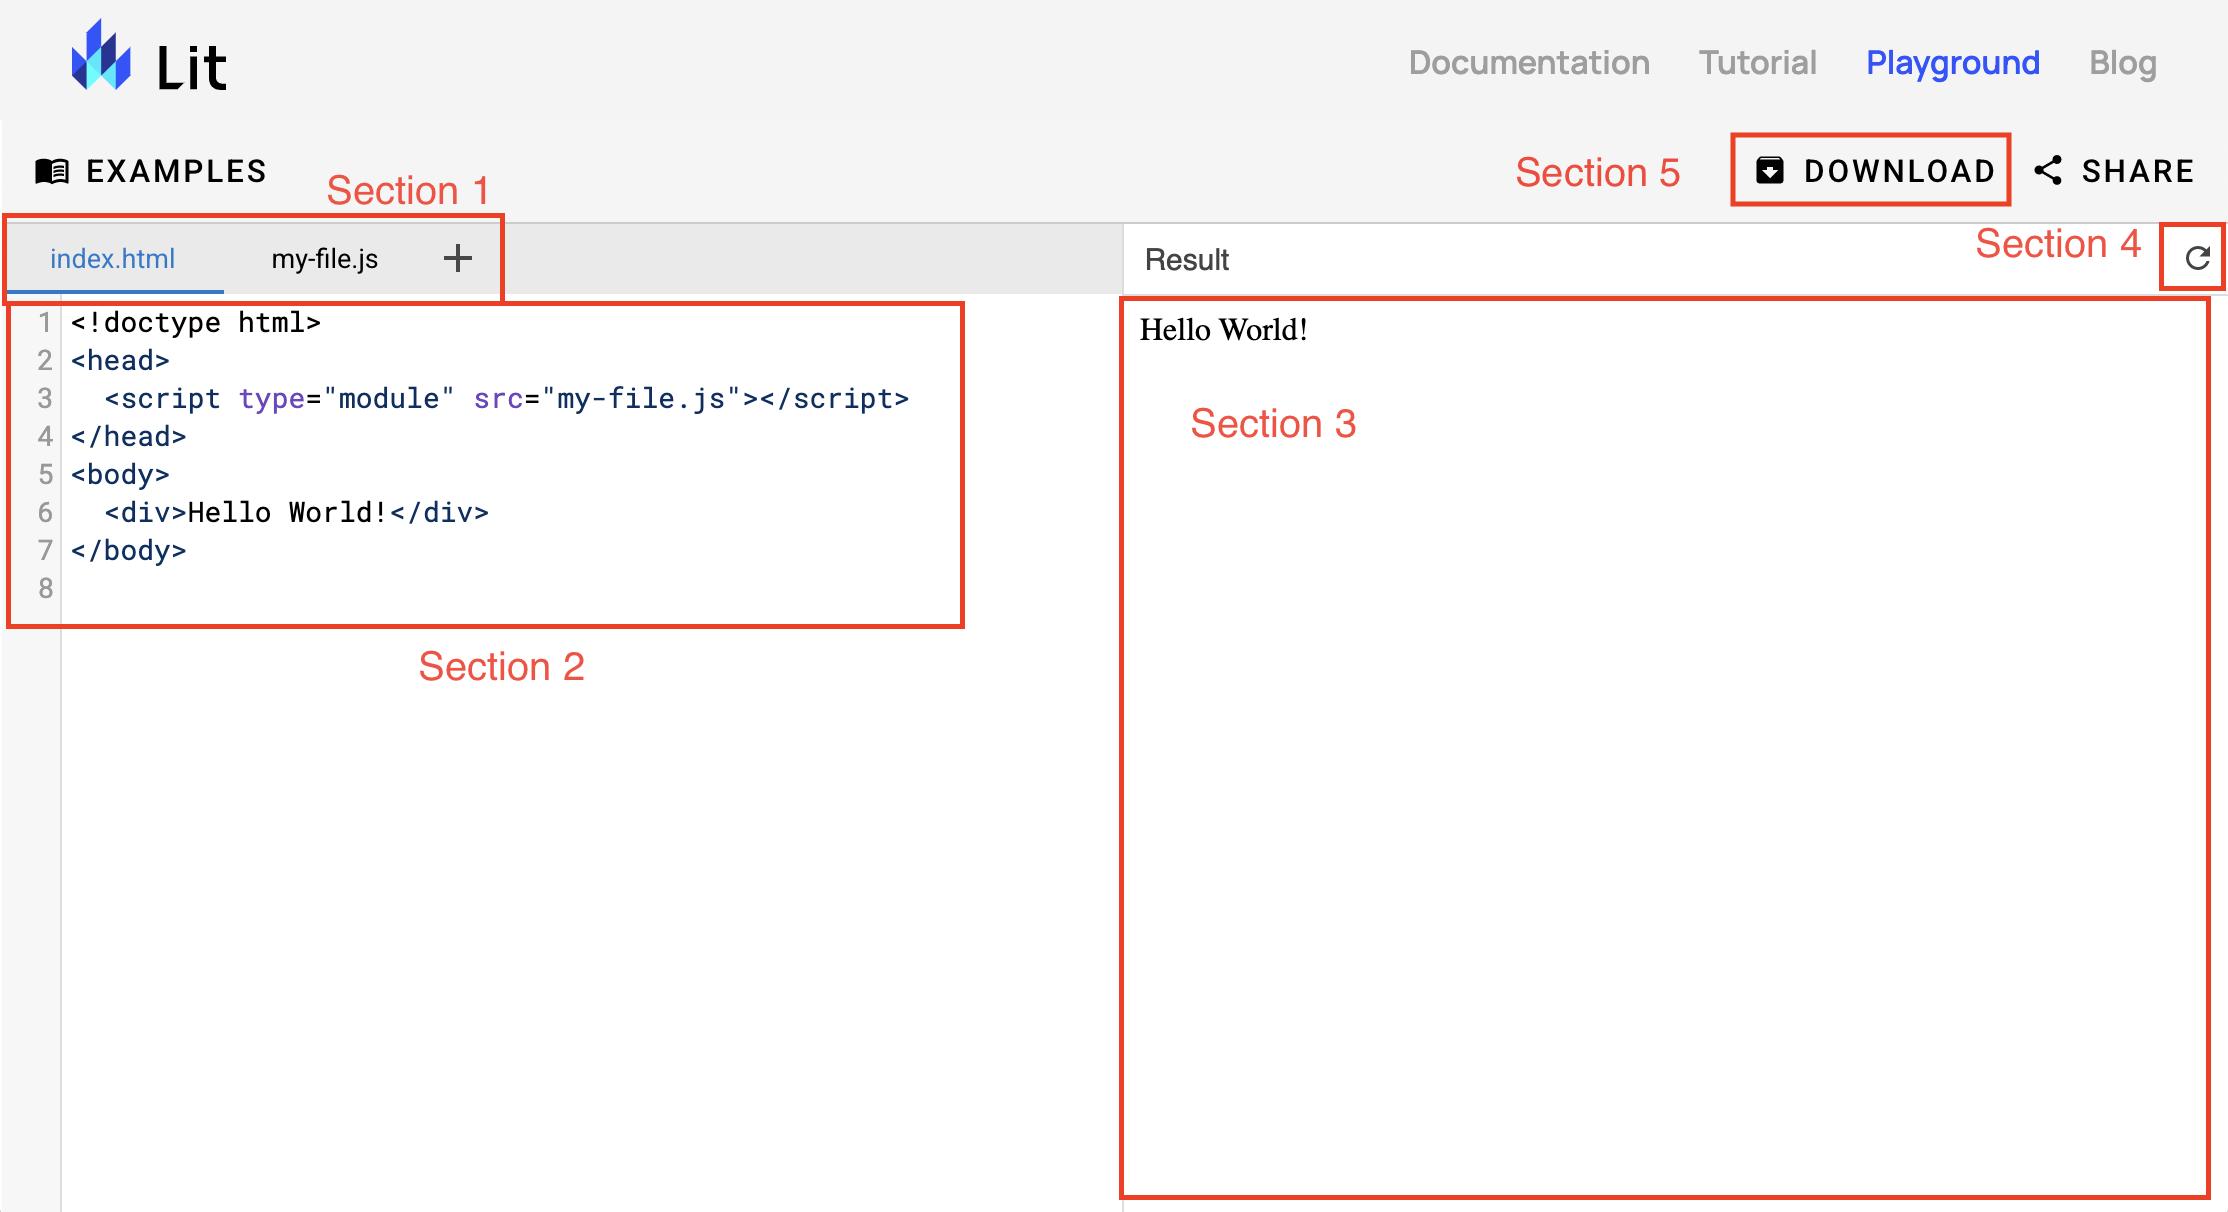 文件选择器标签页栏标为 Section 1,代码编辑部分标为 Section 2,输出预览标为 Section 3,预览重新加载按钮标为 Section 4